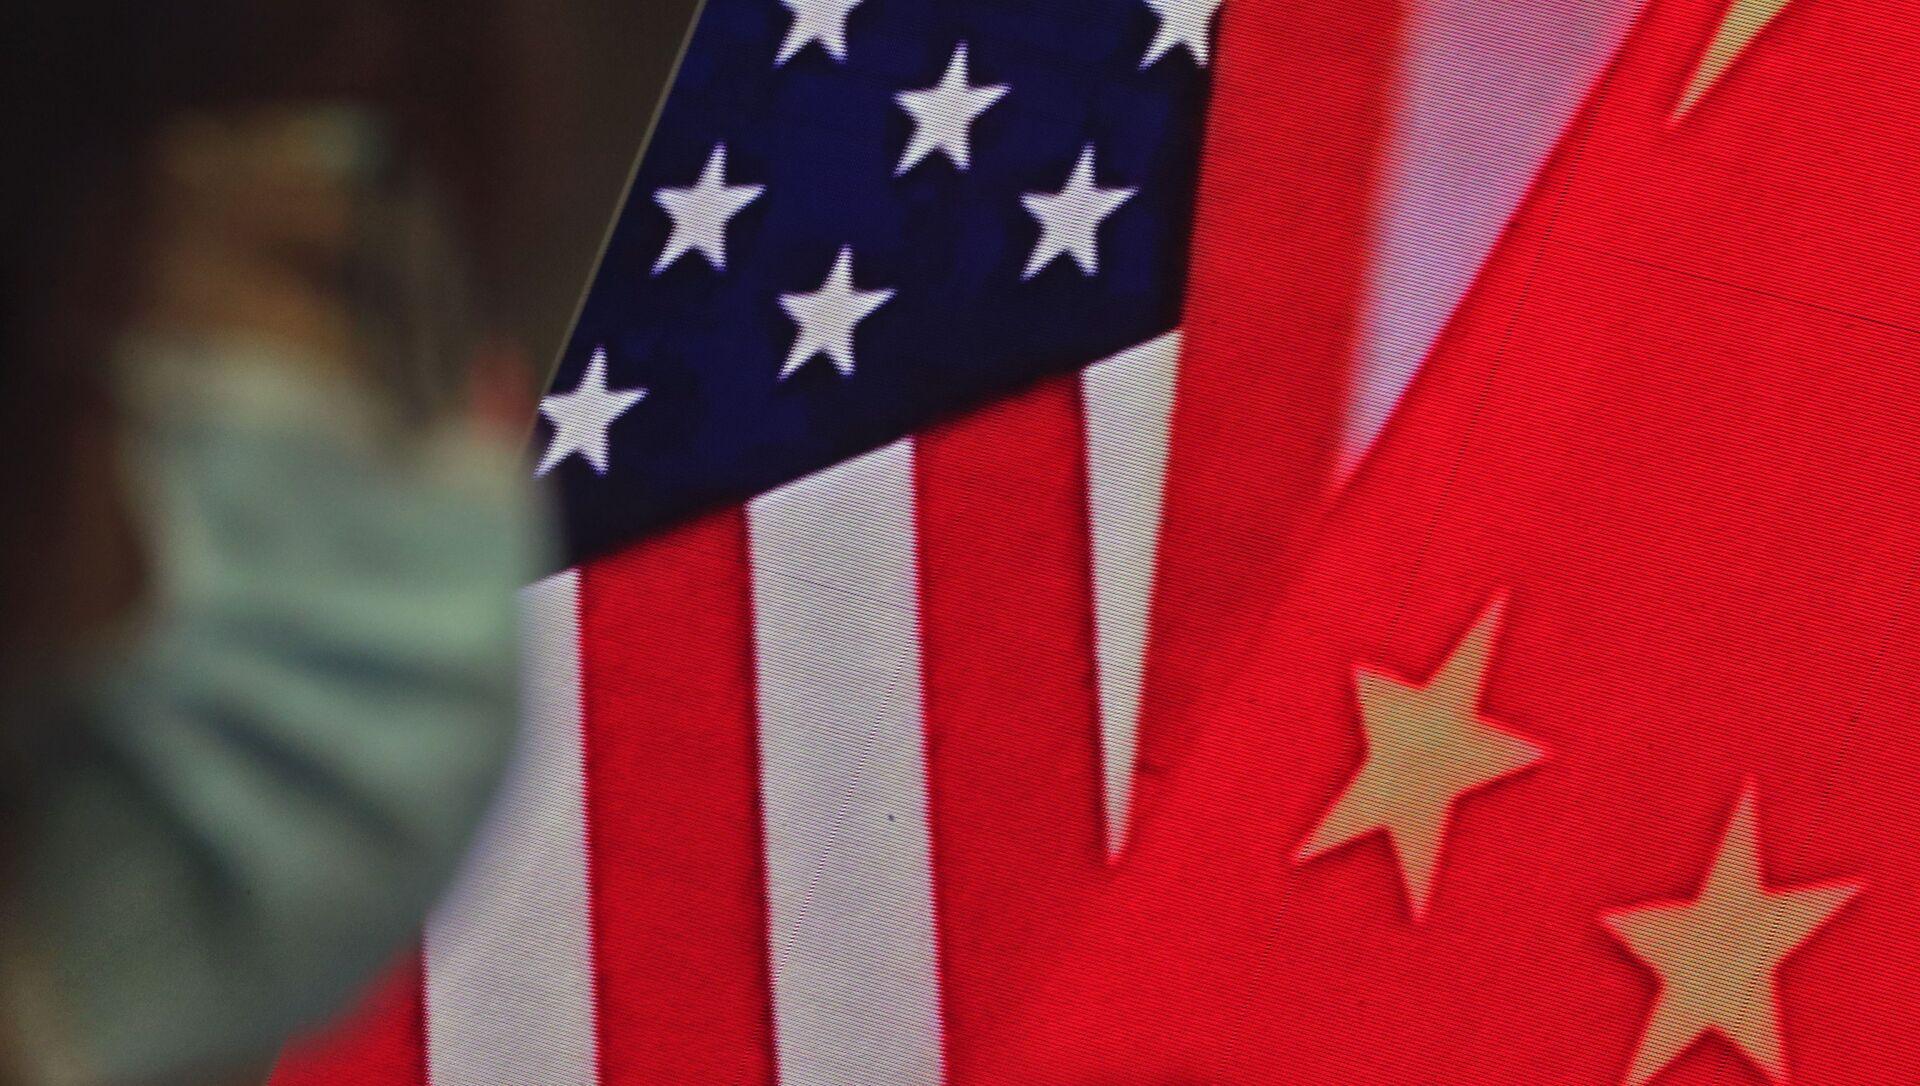 Drapeaux de la Chine et des USA - Sputnik France, 1920, 02.09.2021